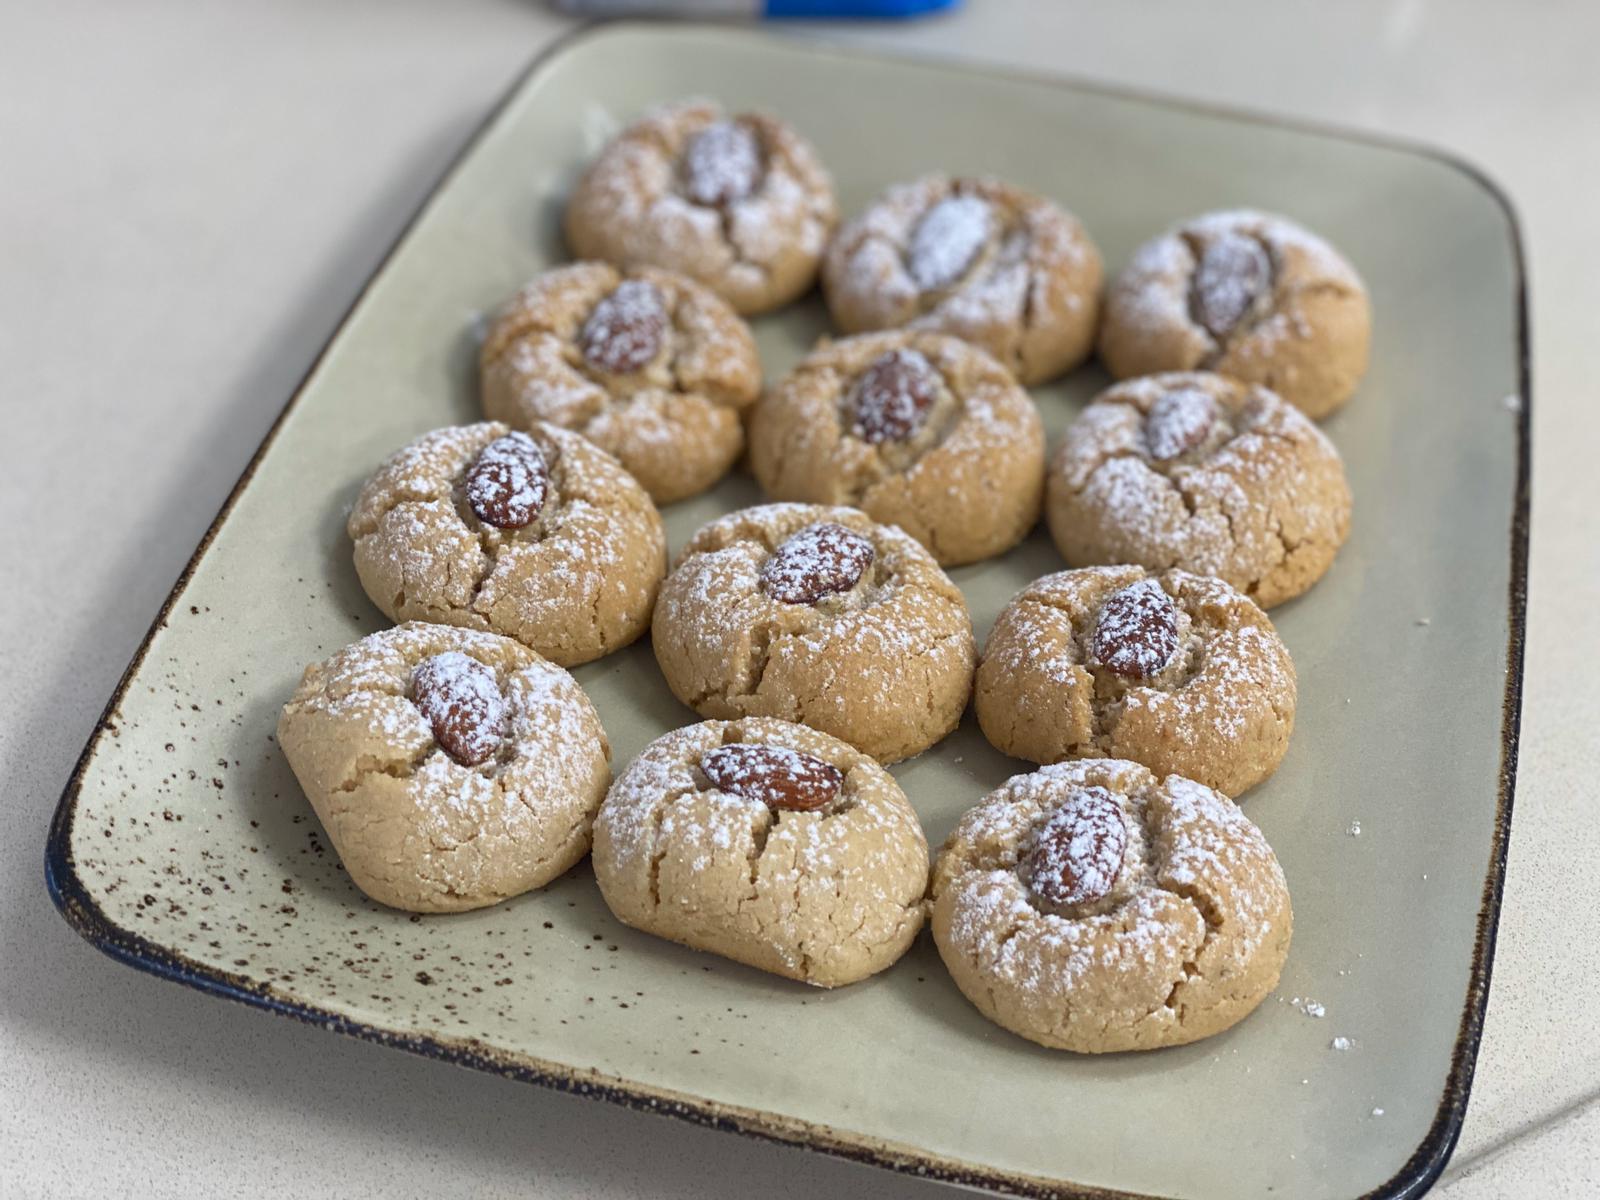 עוגיות טחינה. צילום: דניאל עמית